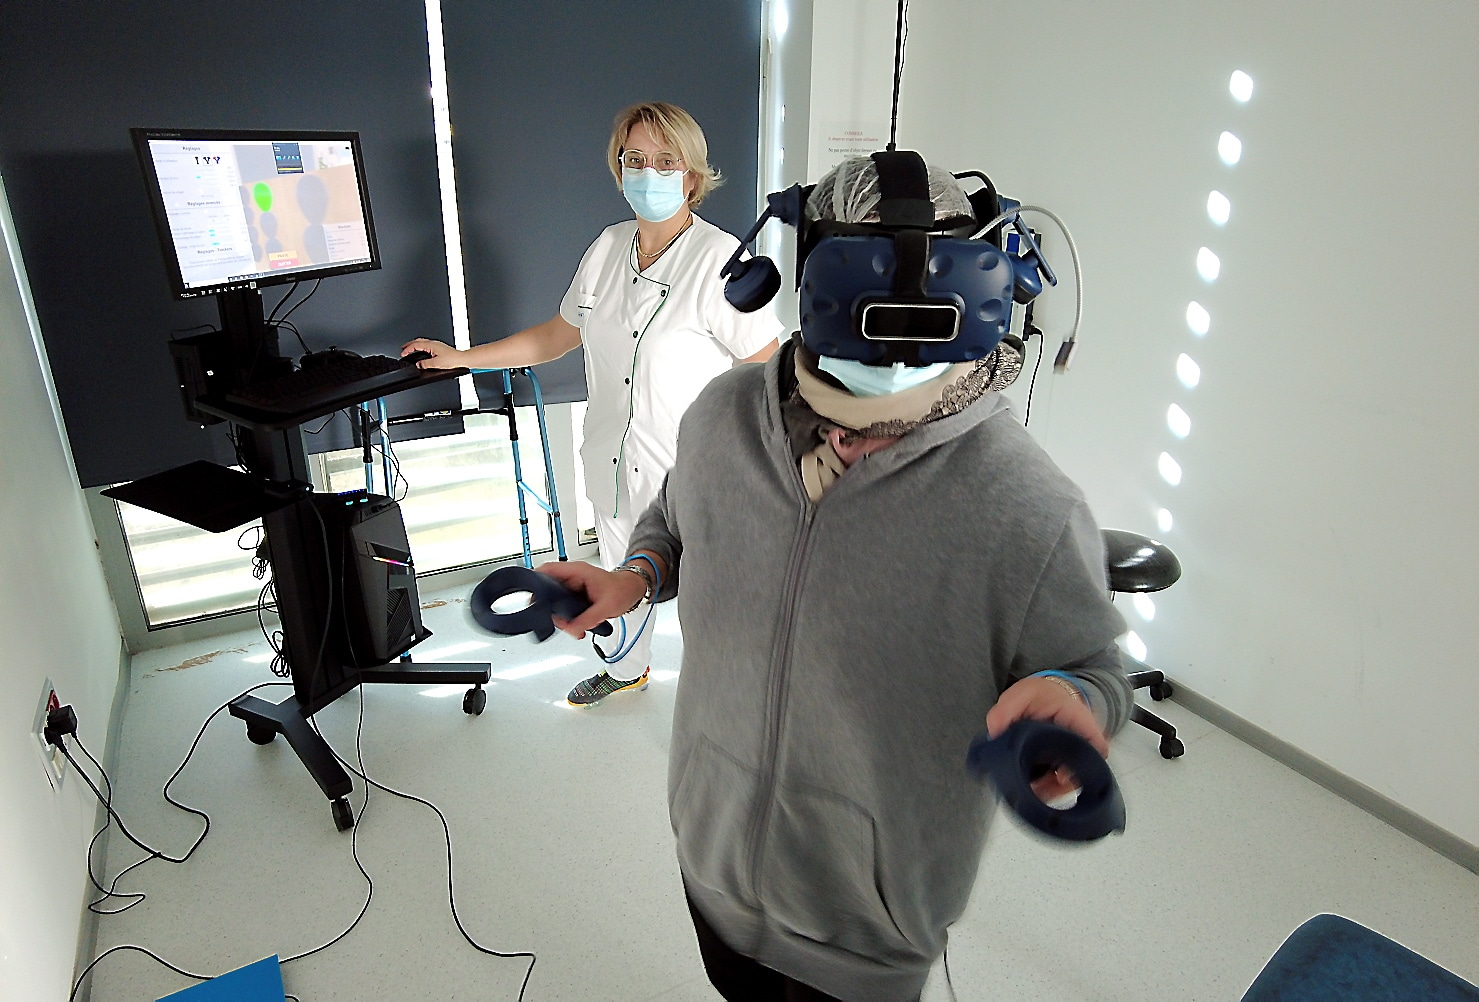 La Neurologue, Hafida Touzani note les progrès spectaculaires de la patiente